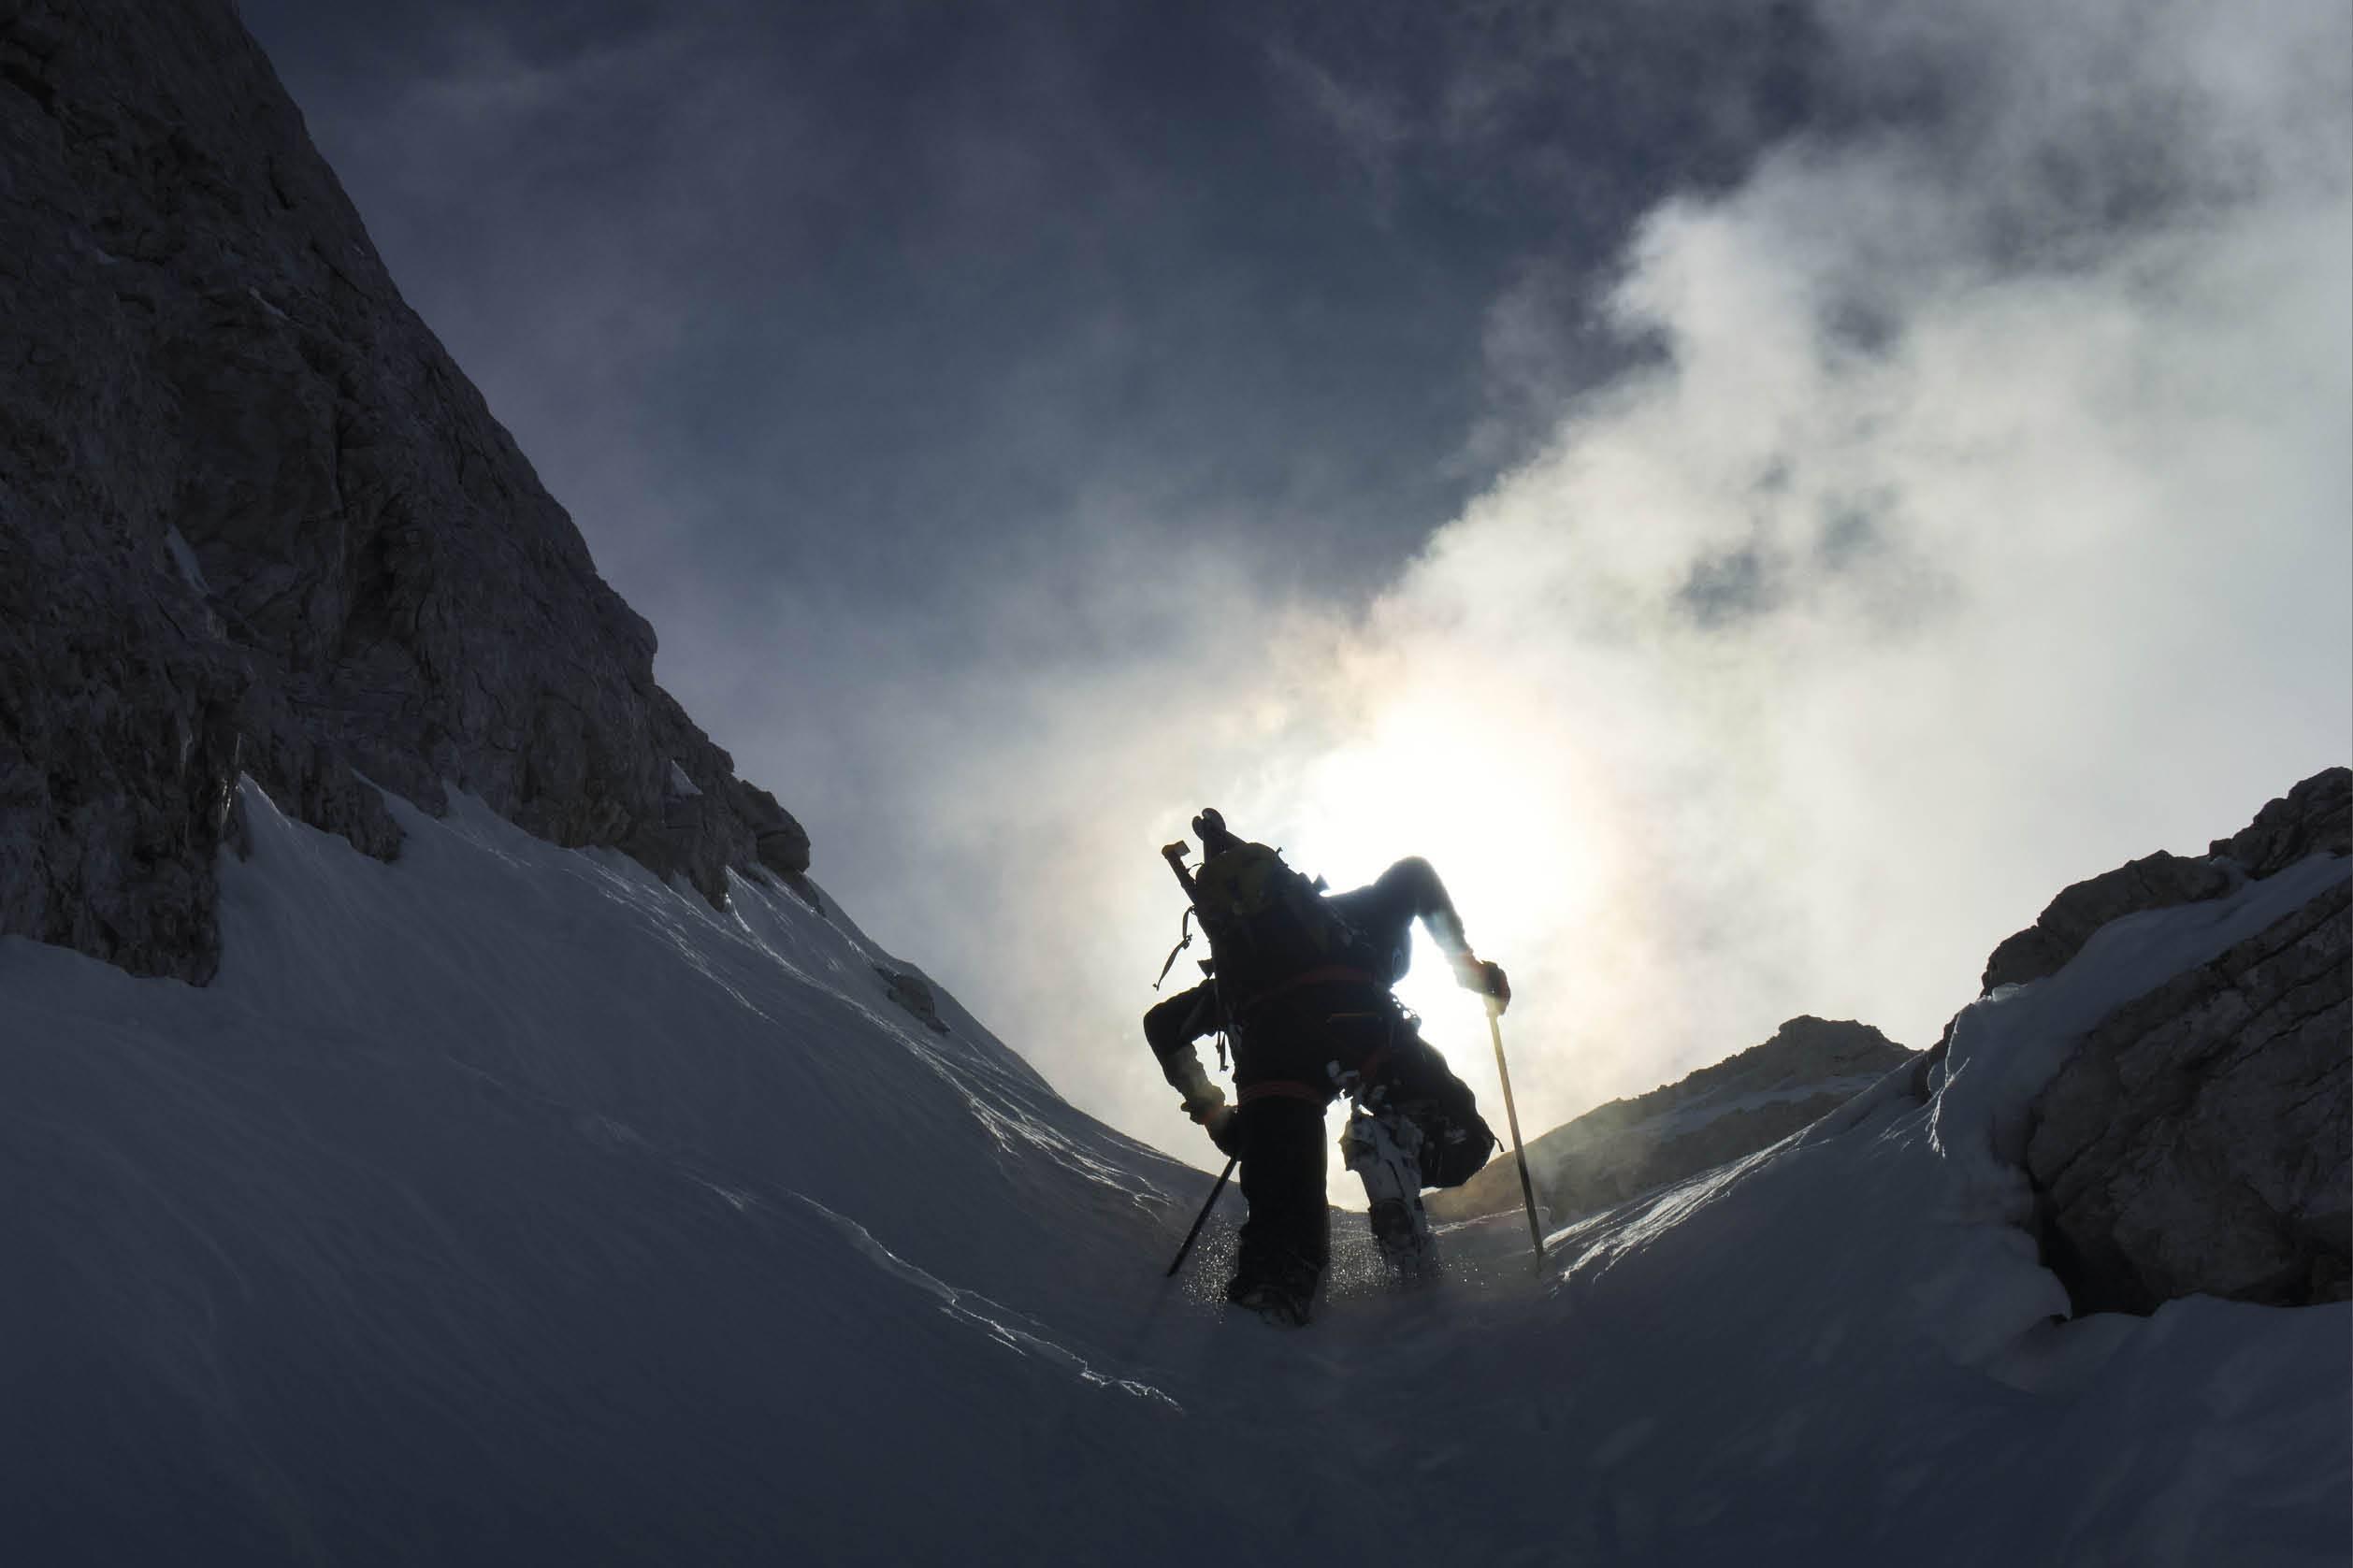 Il cuore che batte - scialpinista in scalata - Foto: Loris De Barba